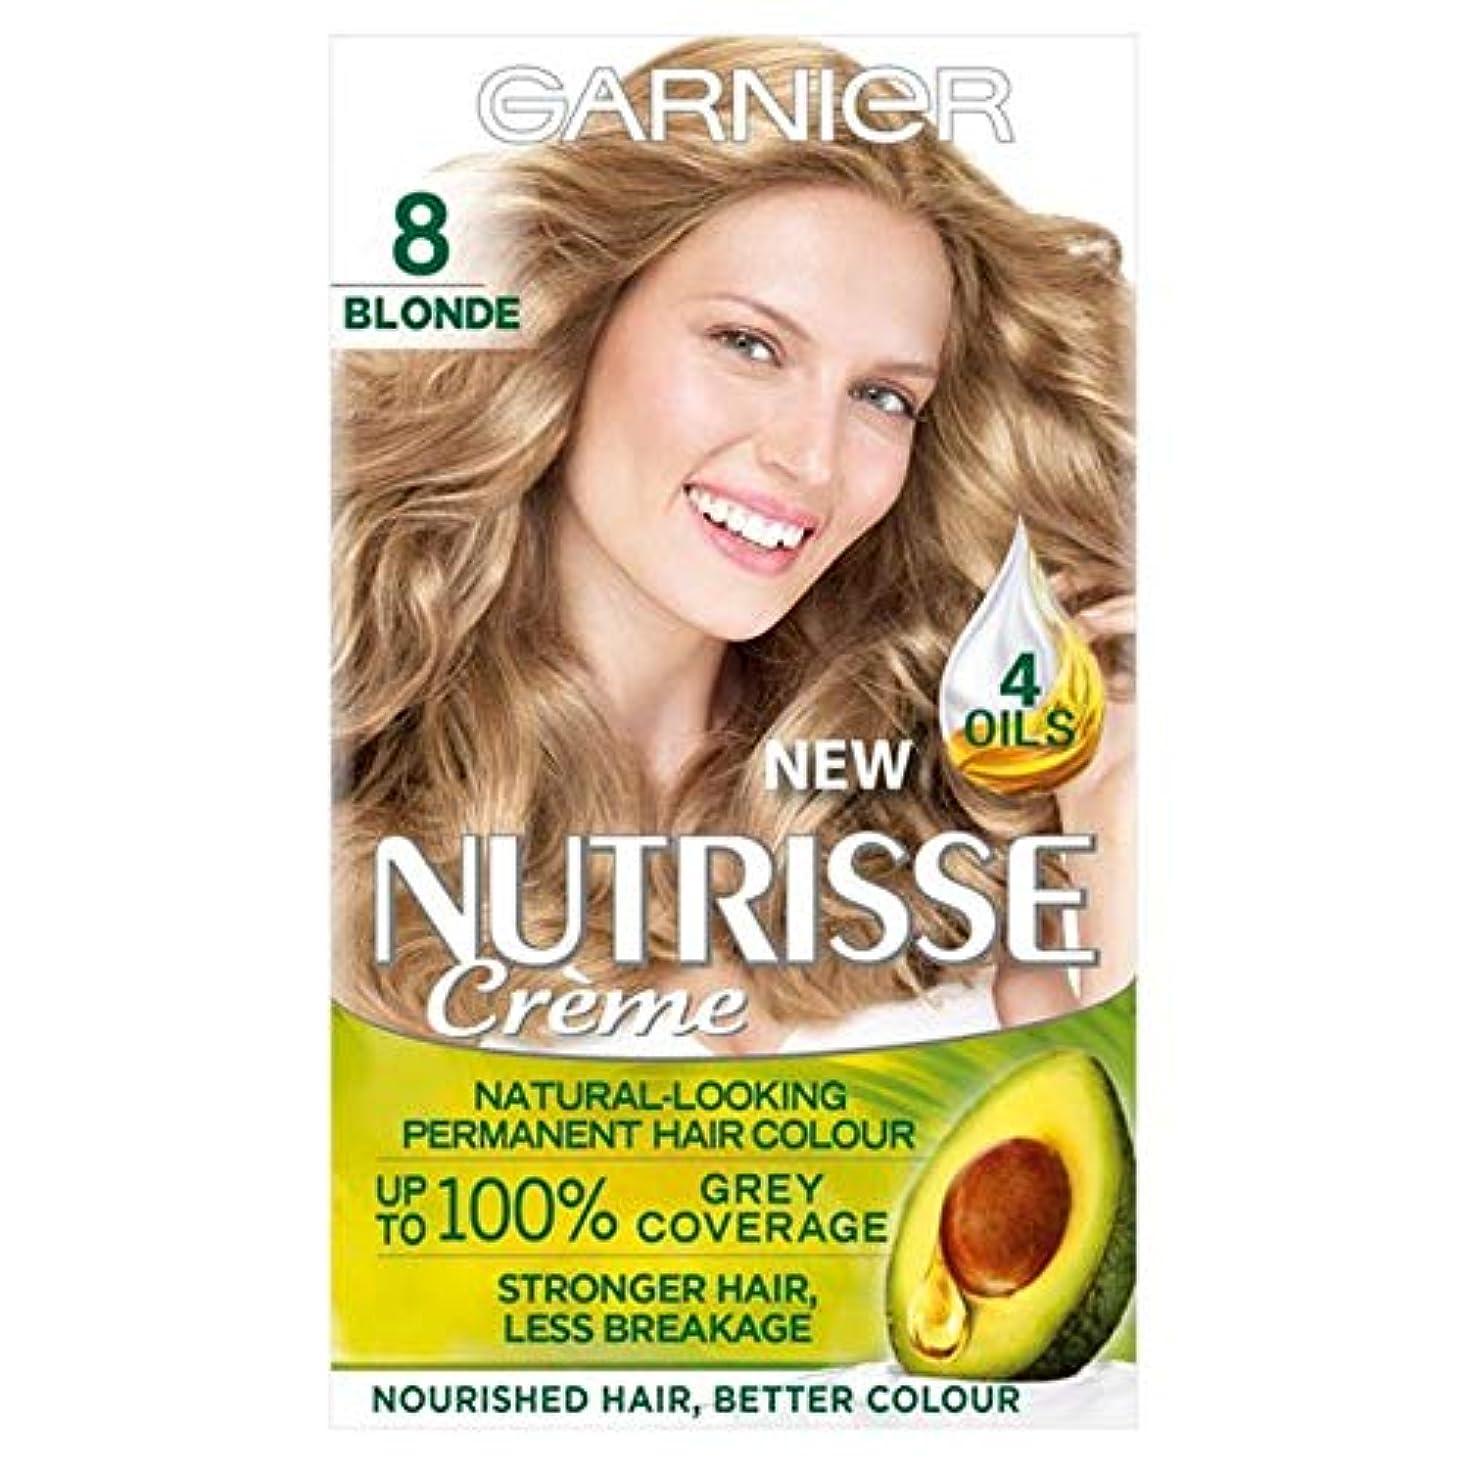 輝度グリーンバック松の木[Nutrisse] 8ブロンドの永久染毛剤Nutrisseガルニエ - Garnier Nutrisse 8 Blonde Permanent Hair Dye [並行輸入品]